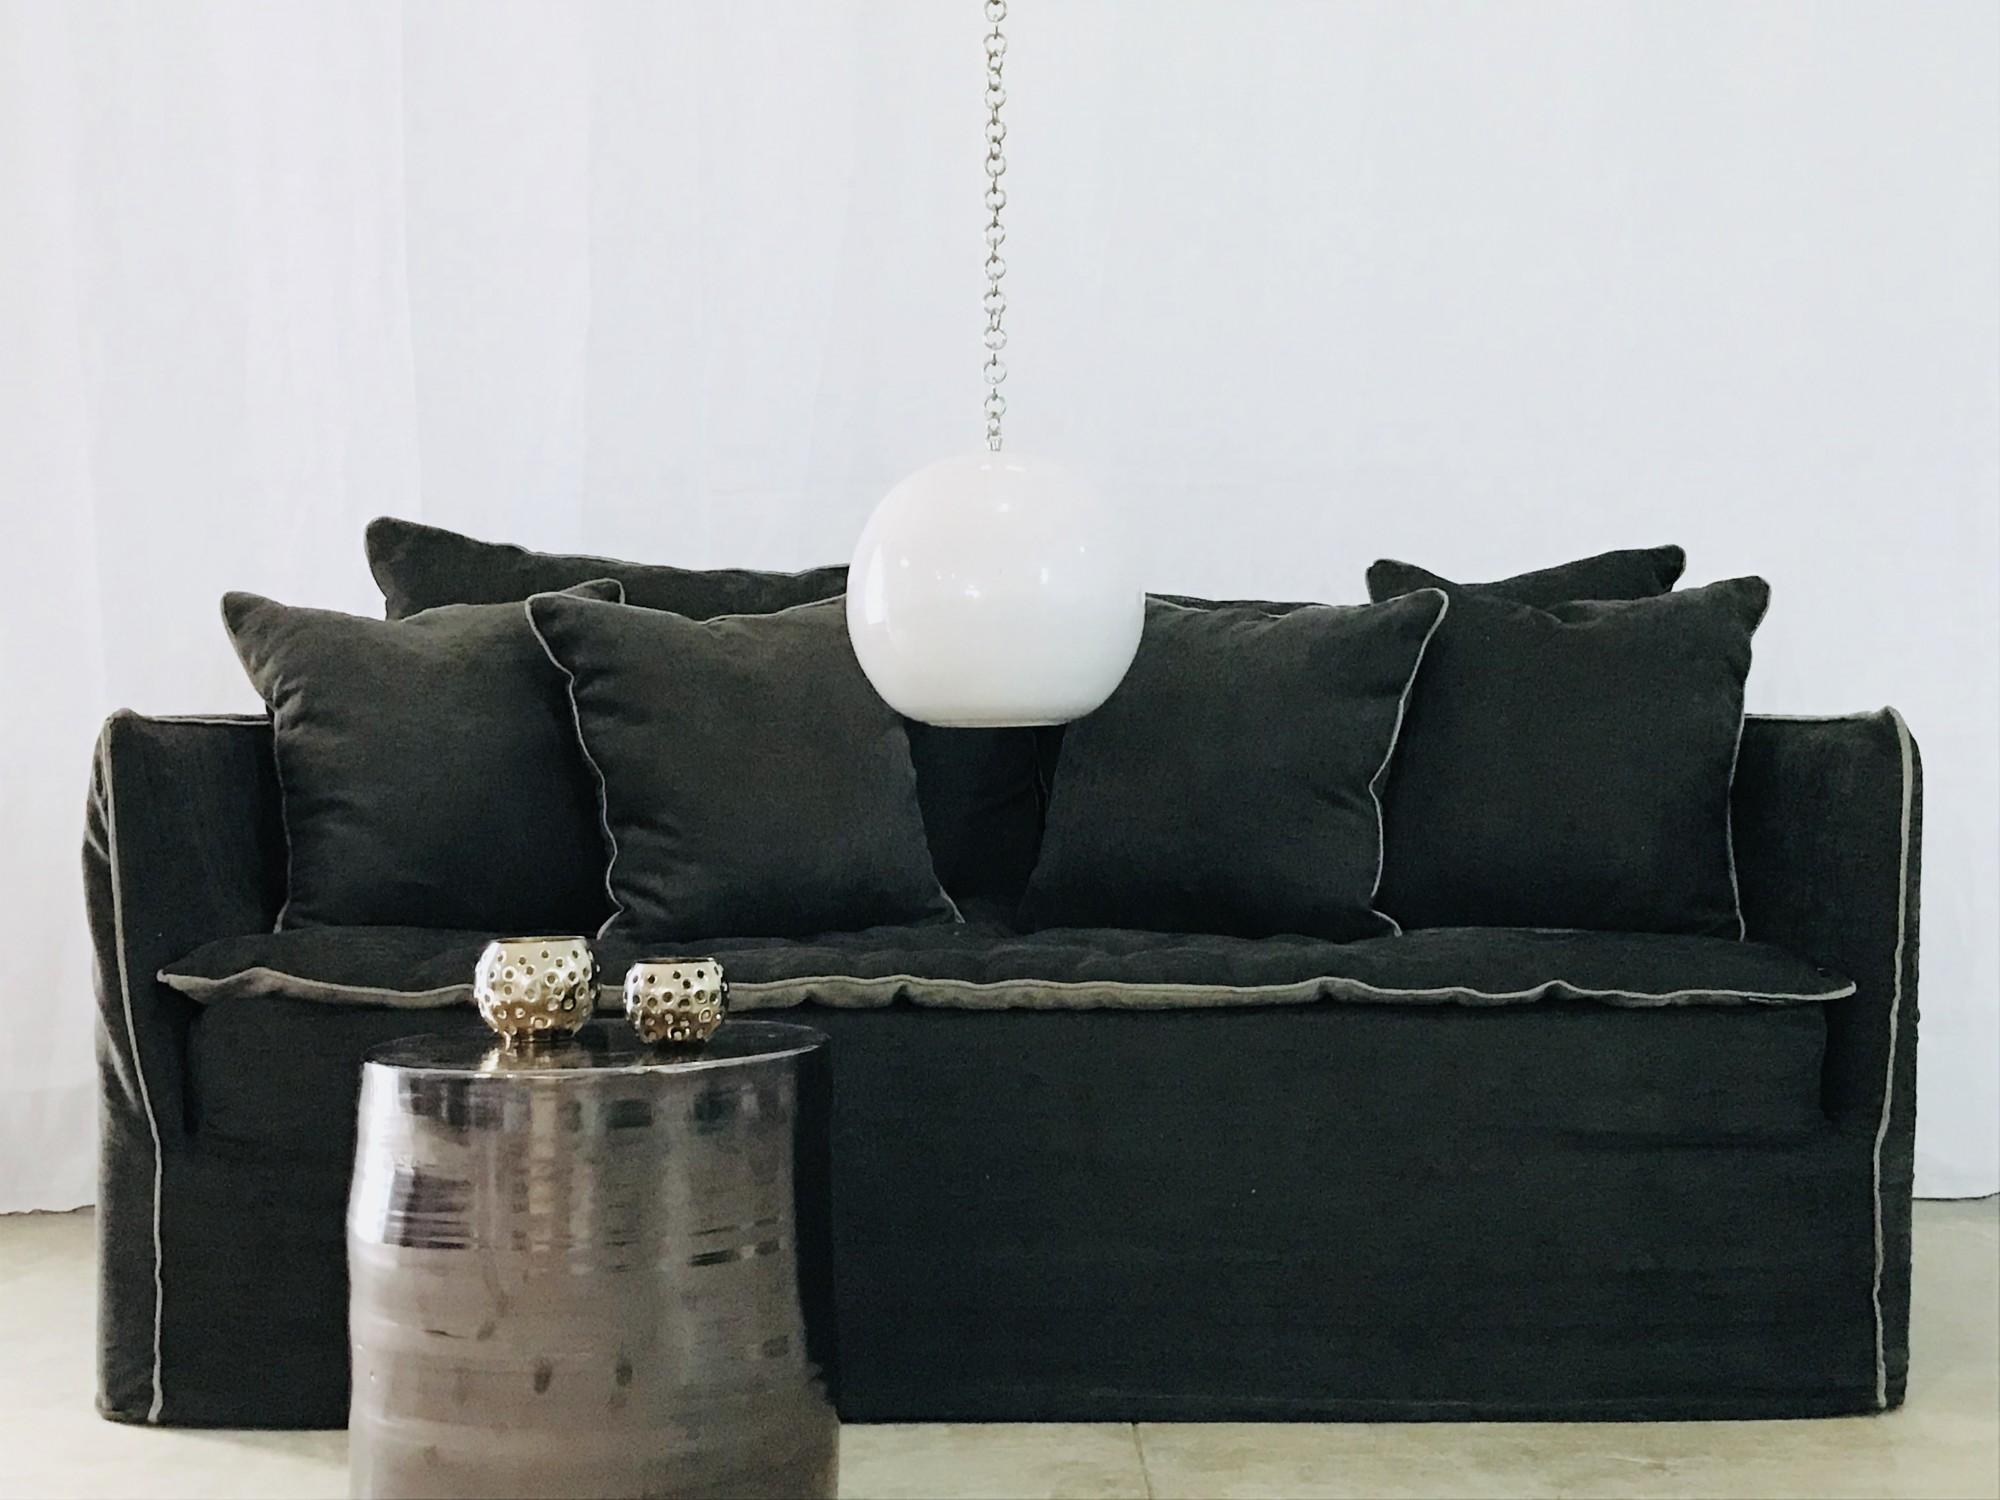 canapé sur mesure lin lavé gris anthracite Paris